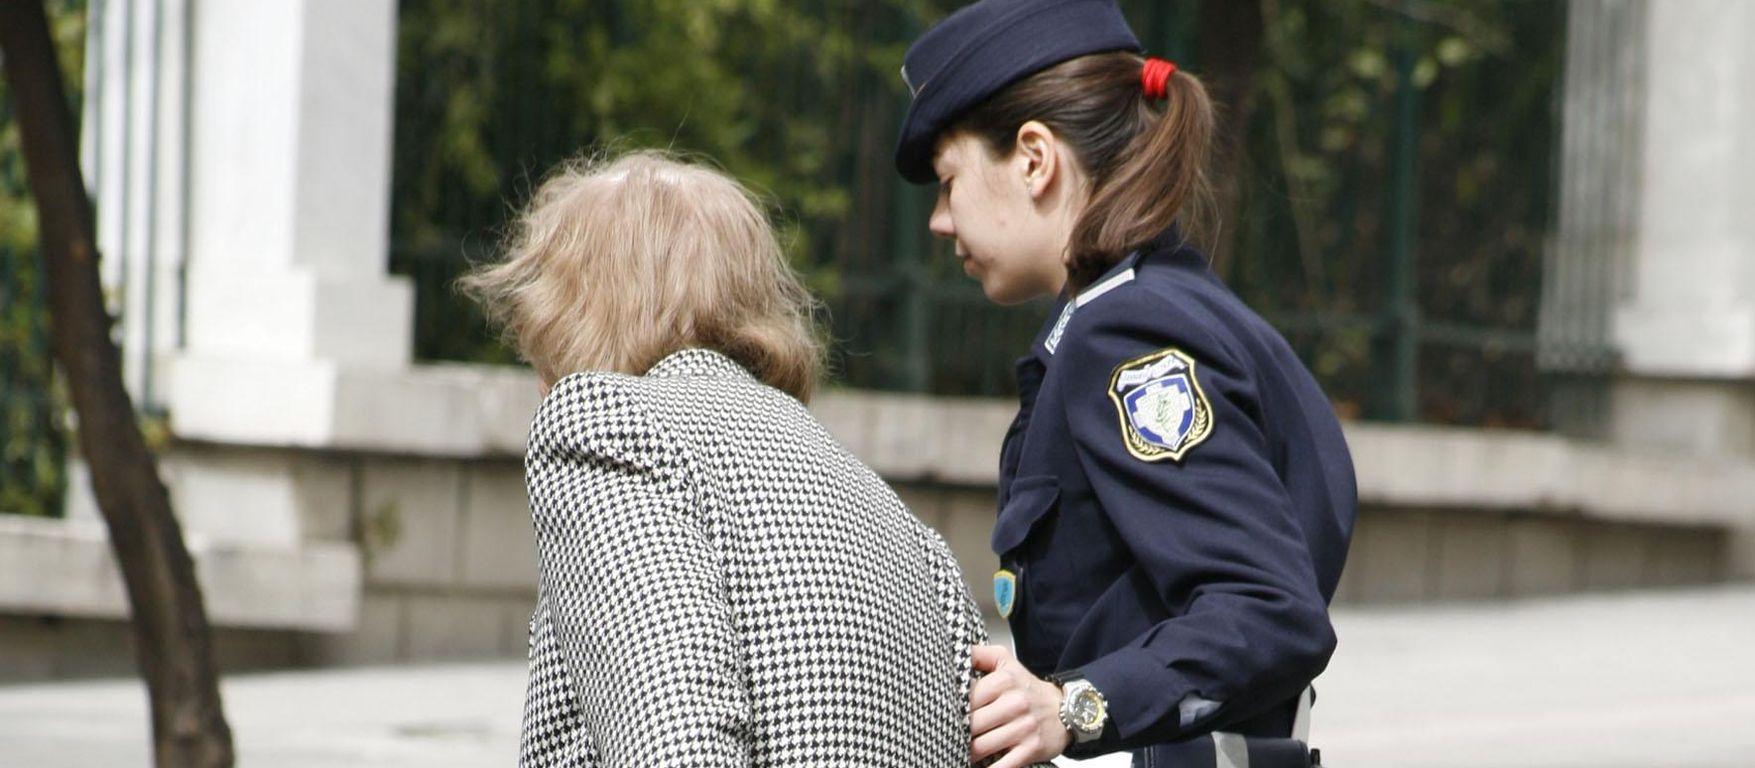 Αιτωλικό: 89χρονη κατηγορείται πως απείλησε 8χρονο…